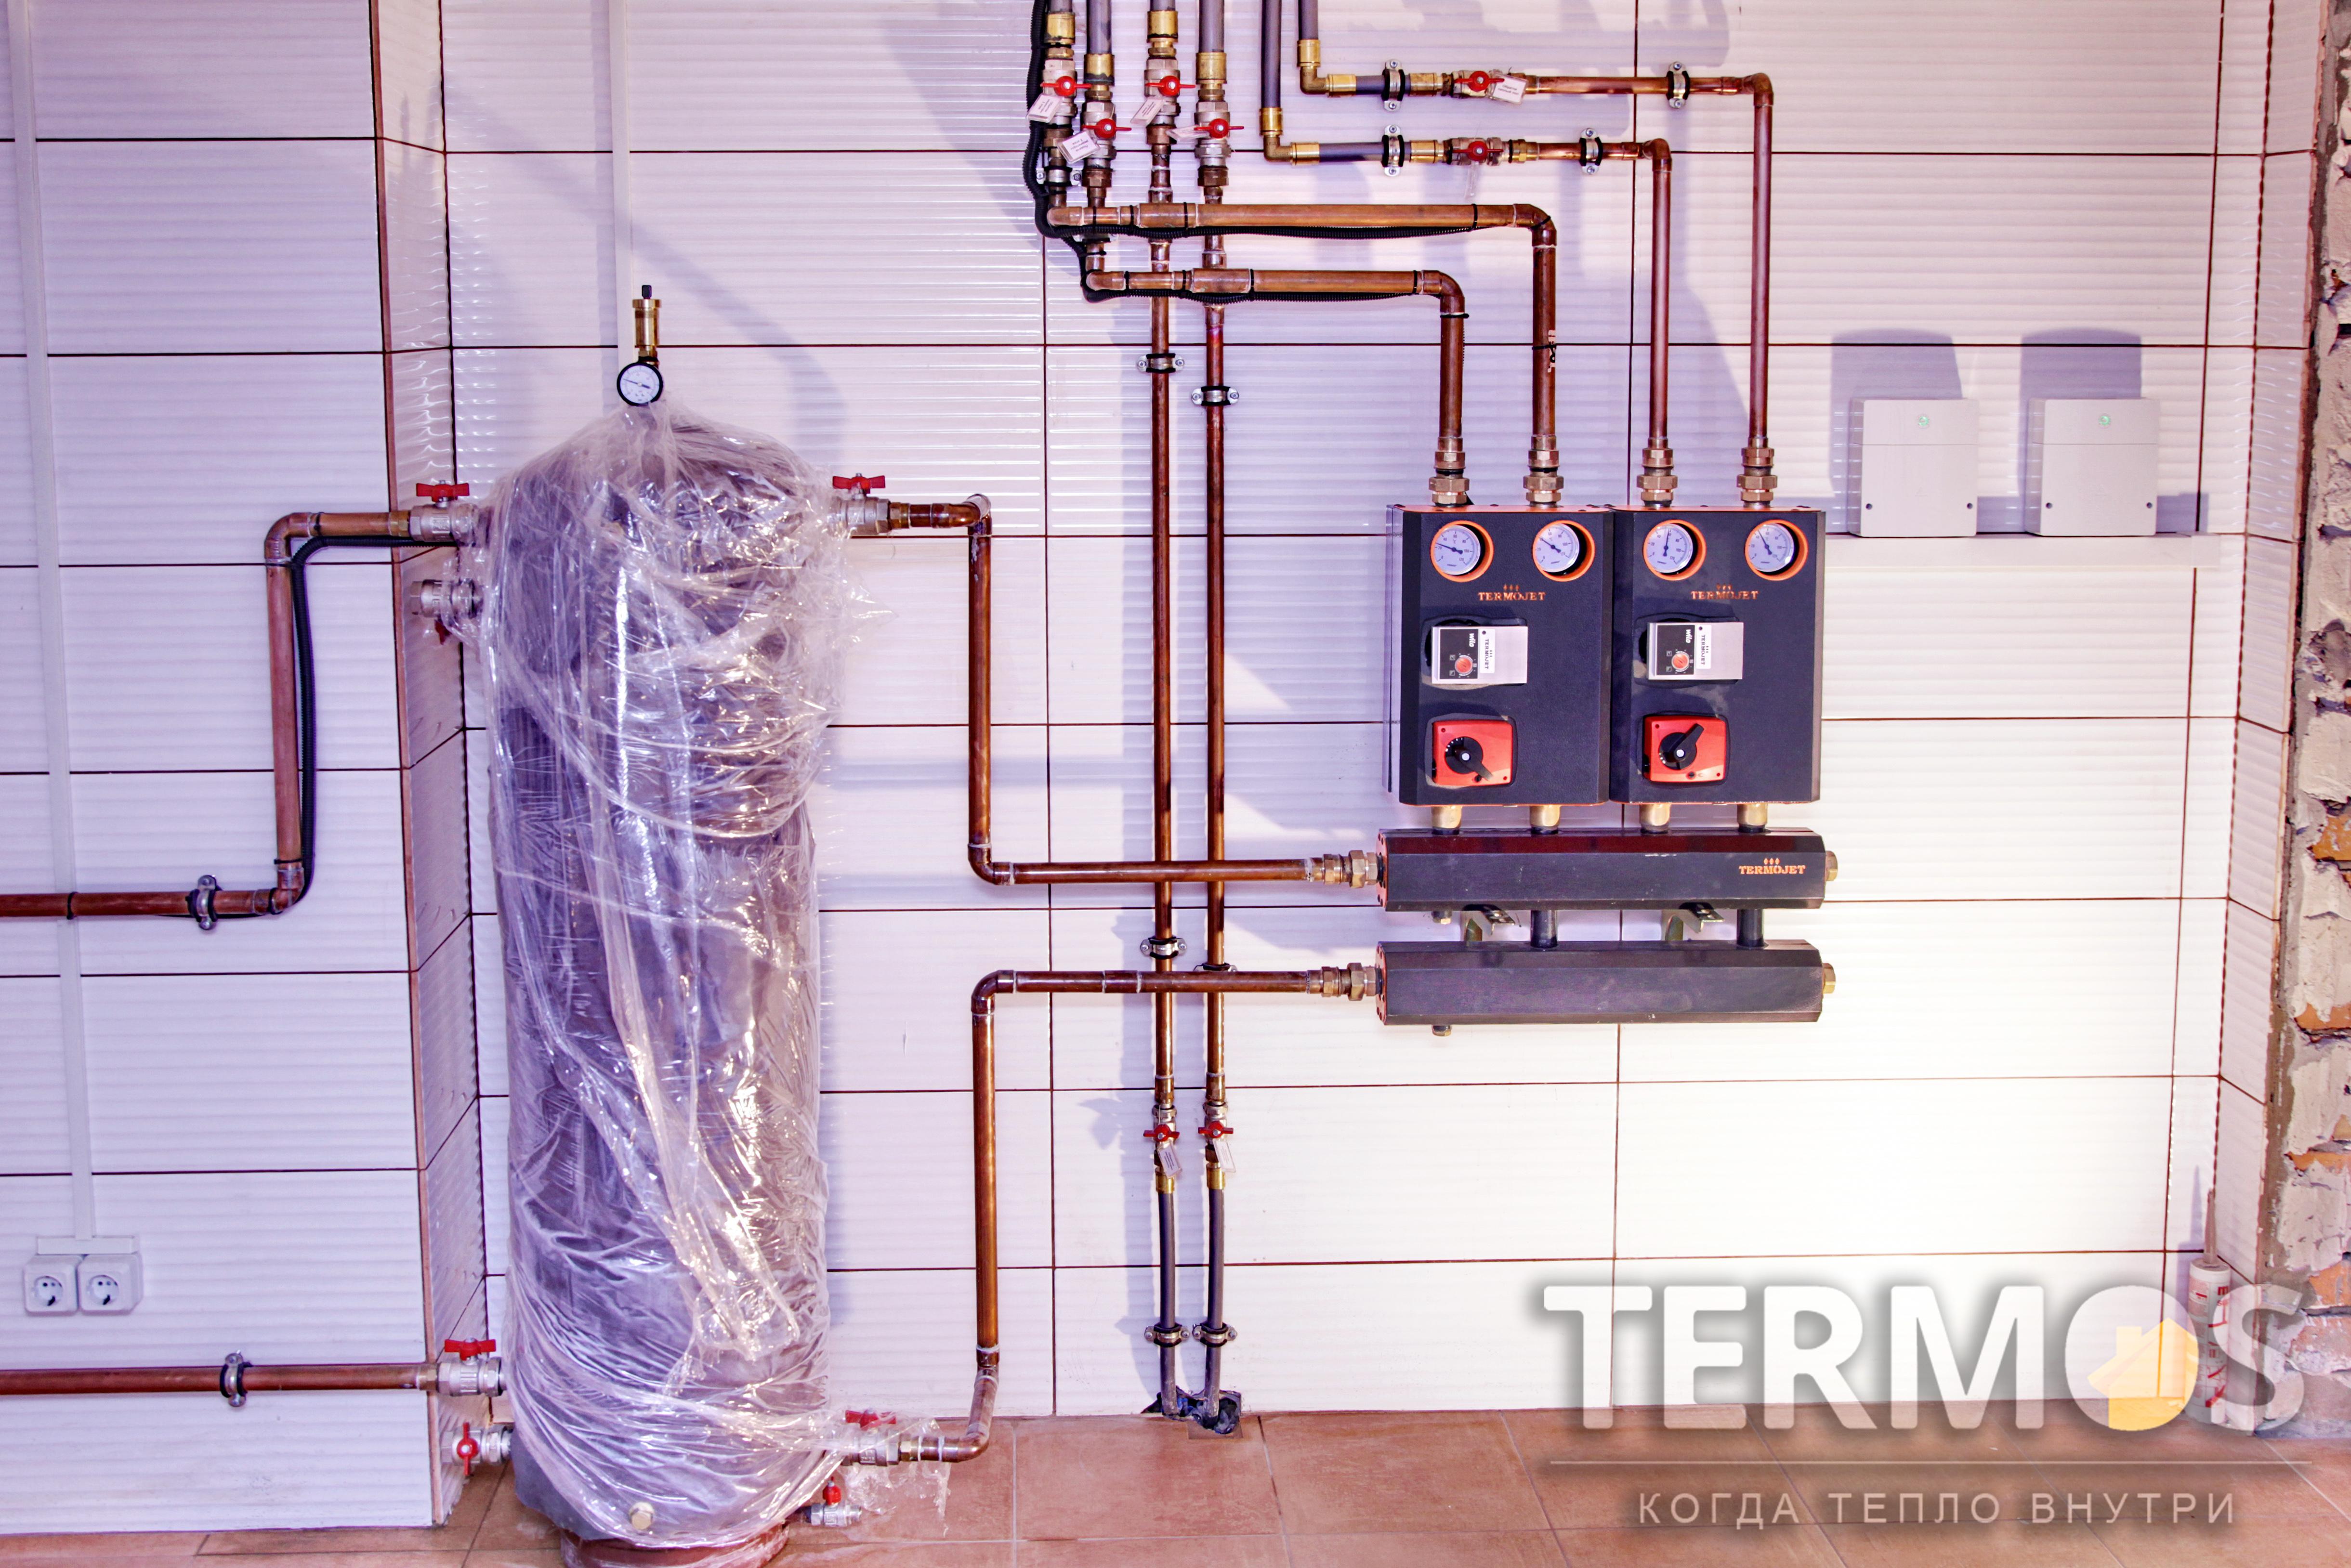 Отопление дома производится контуром радиаторов и контуром теплого пола с погодозависимым управлением